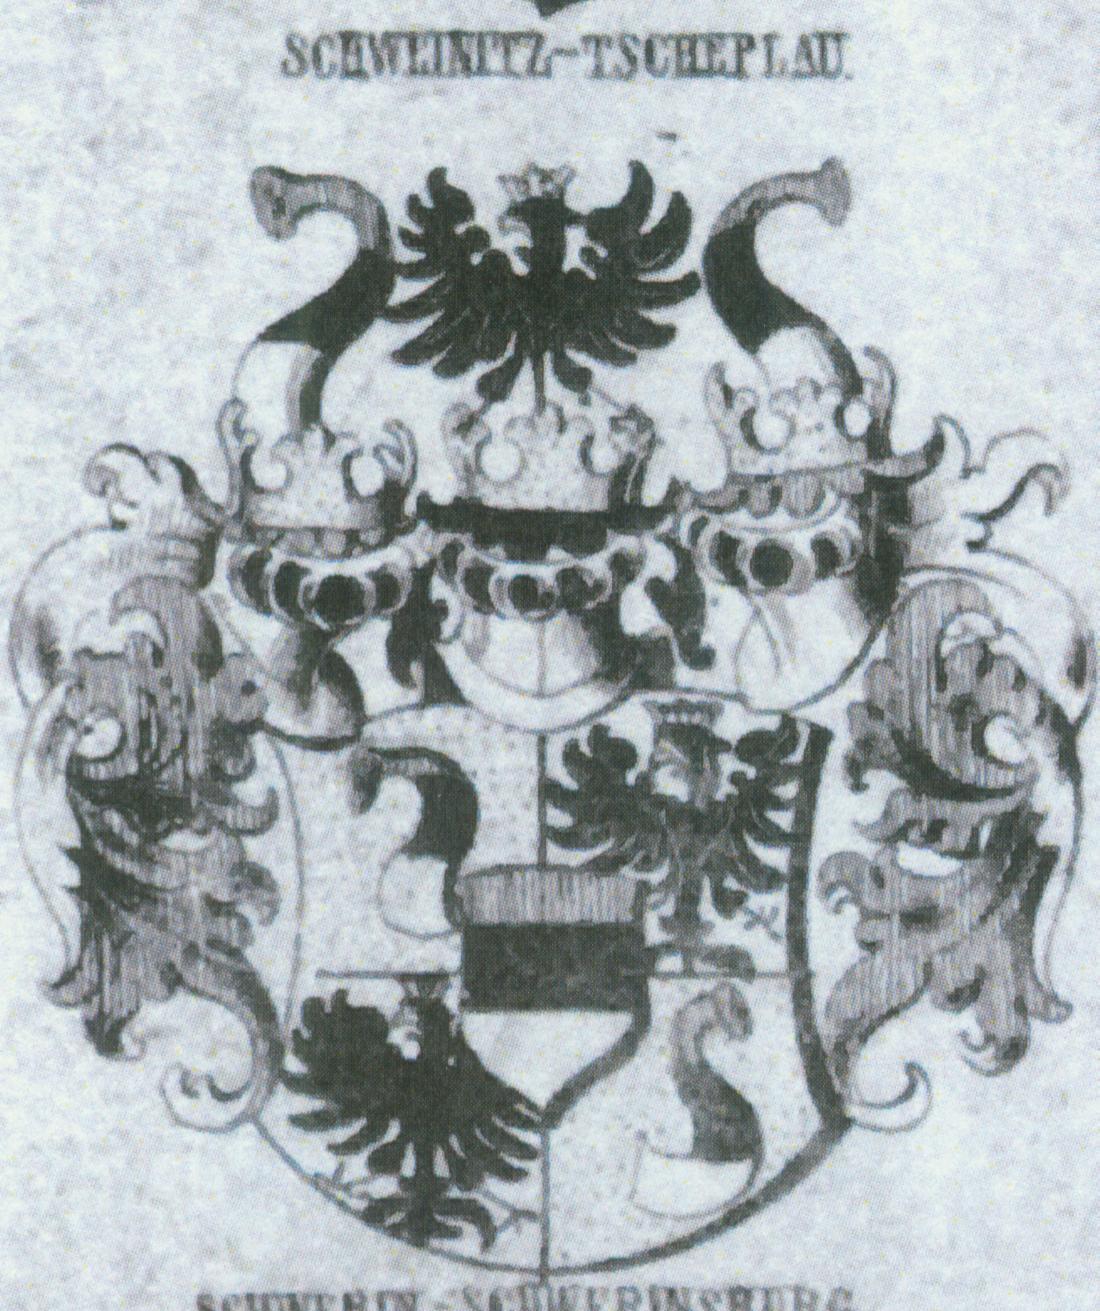 Schweinitz-Tscheplau